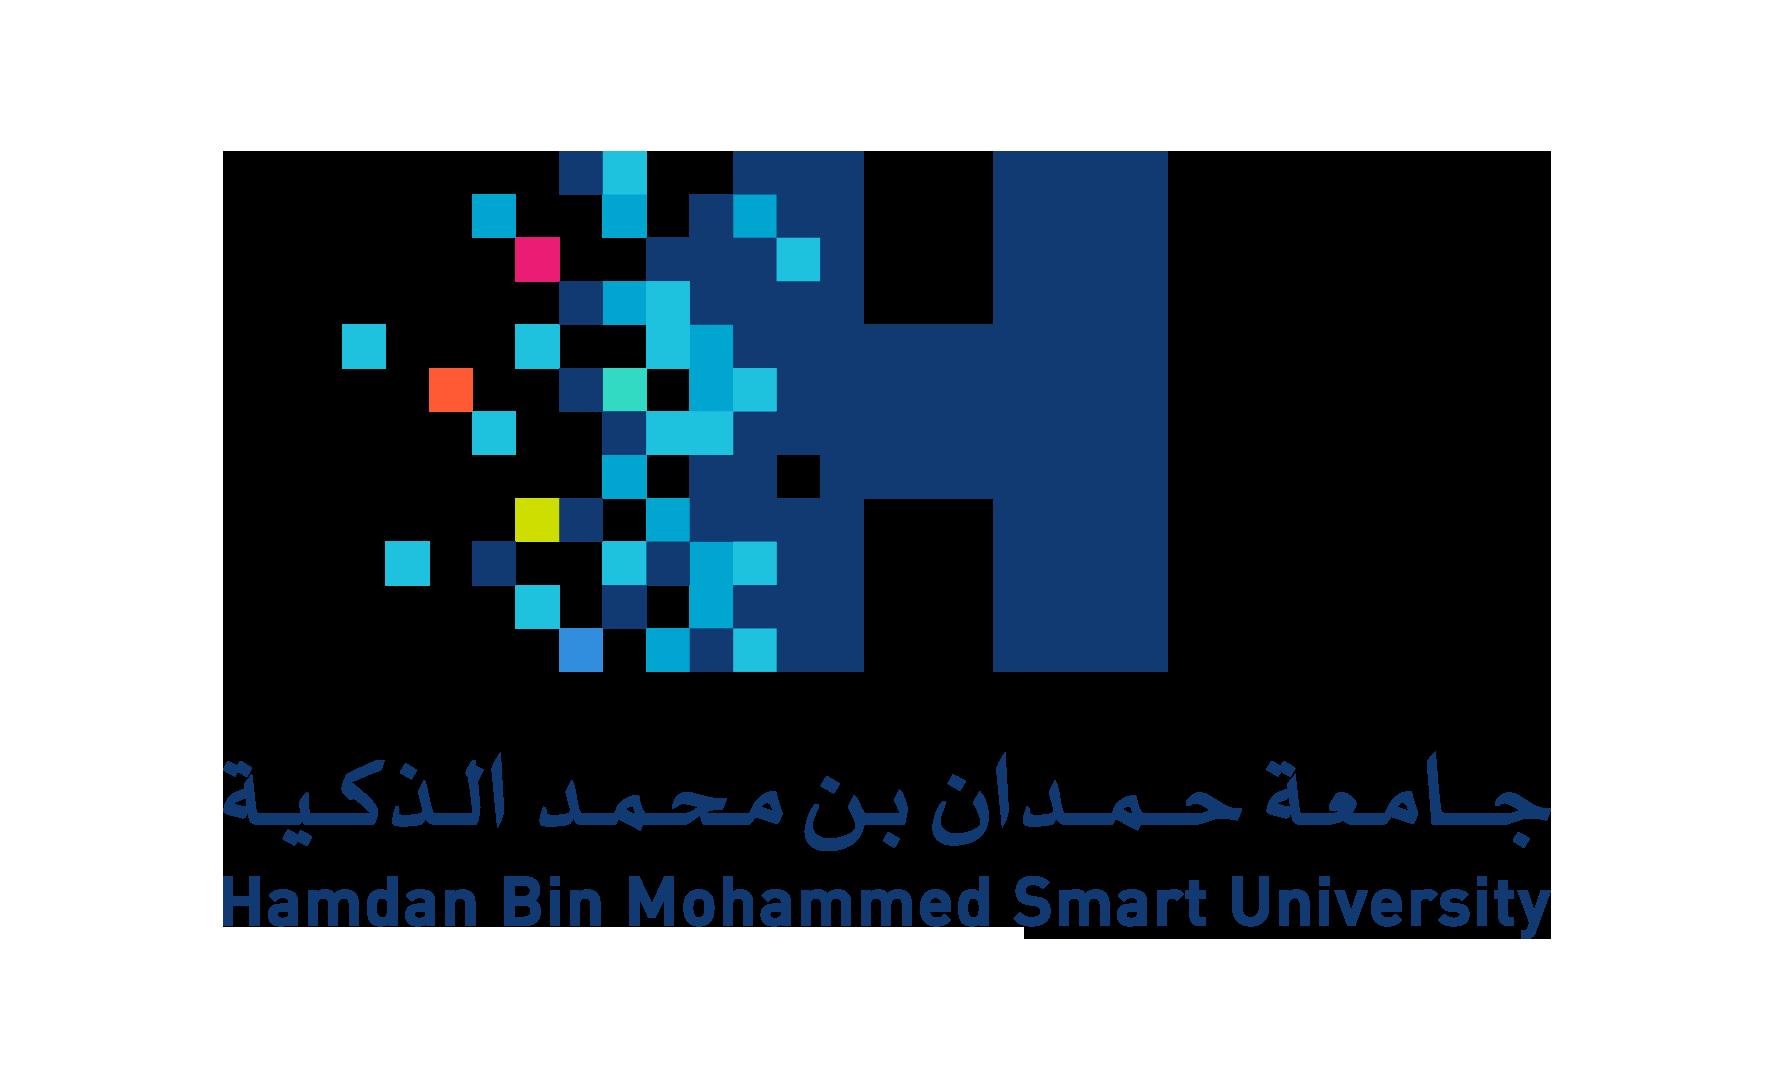 شروط القبول في جامعة حمدان بن محمد الذكية 2021